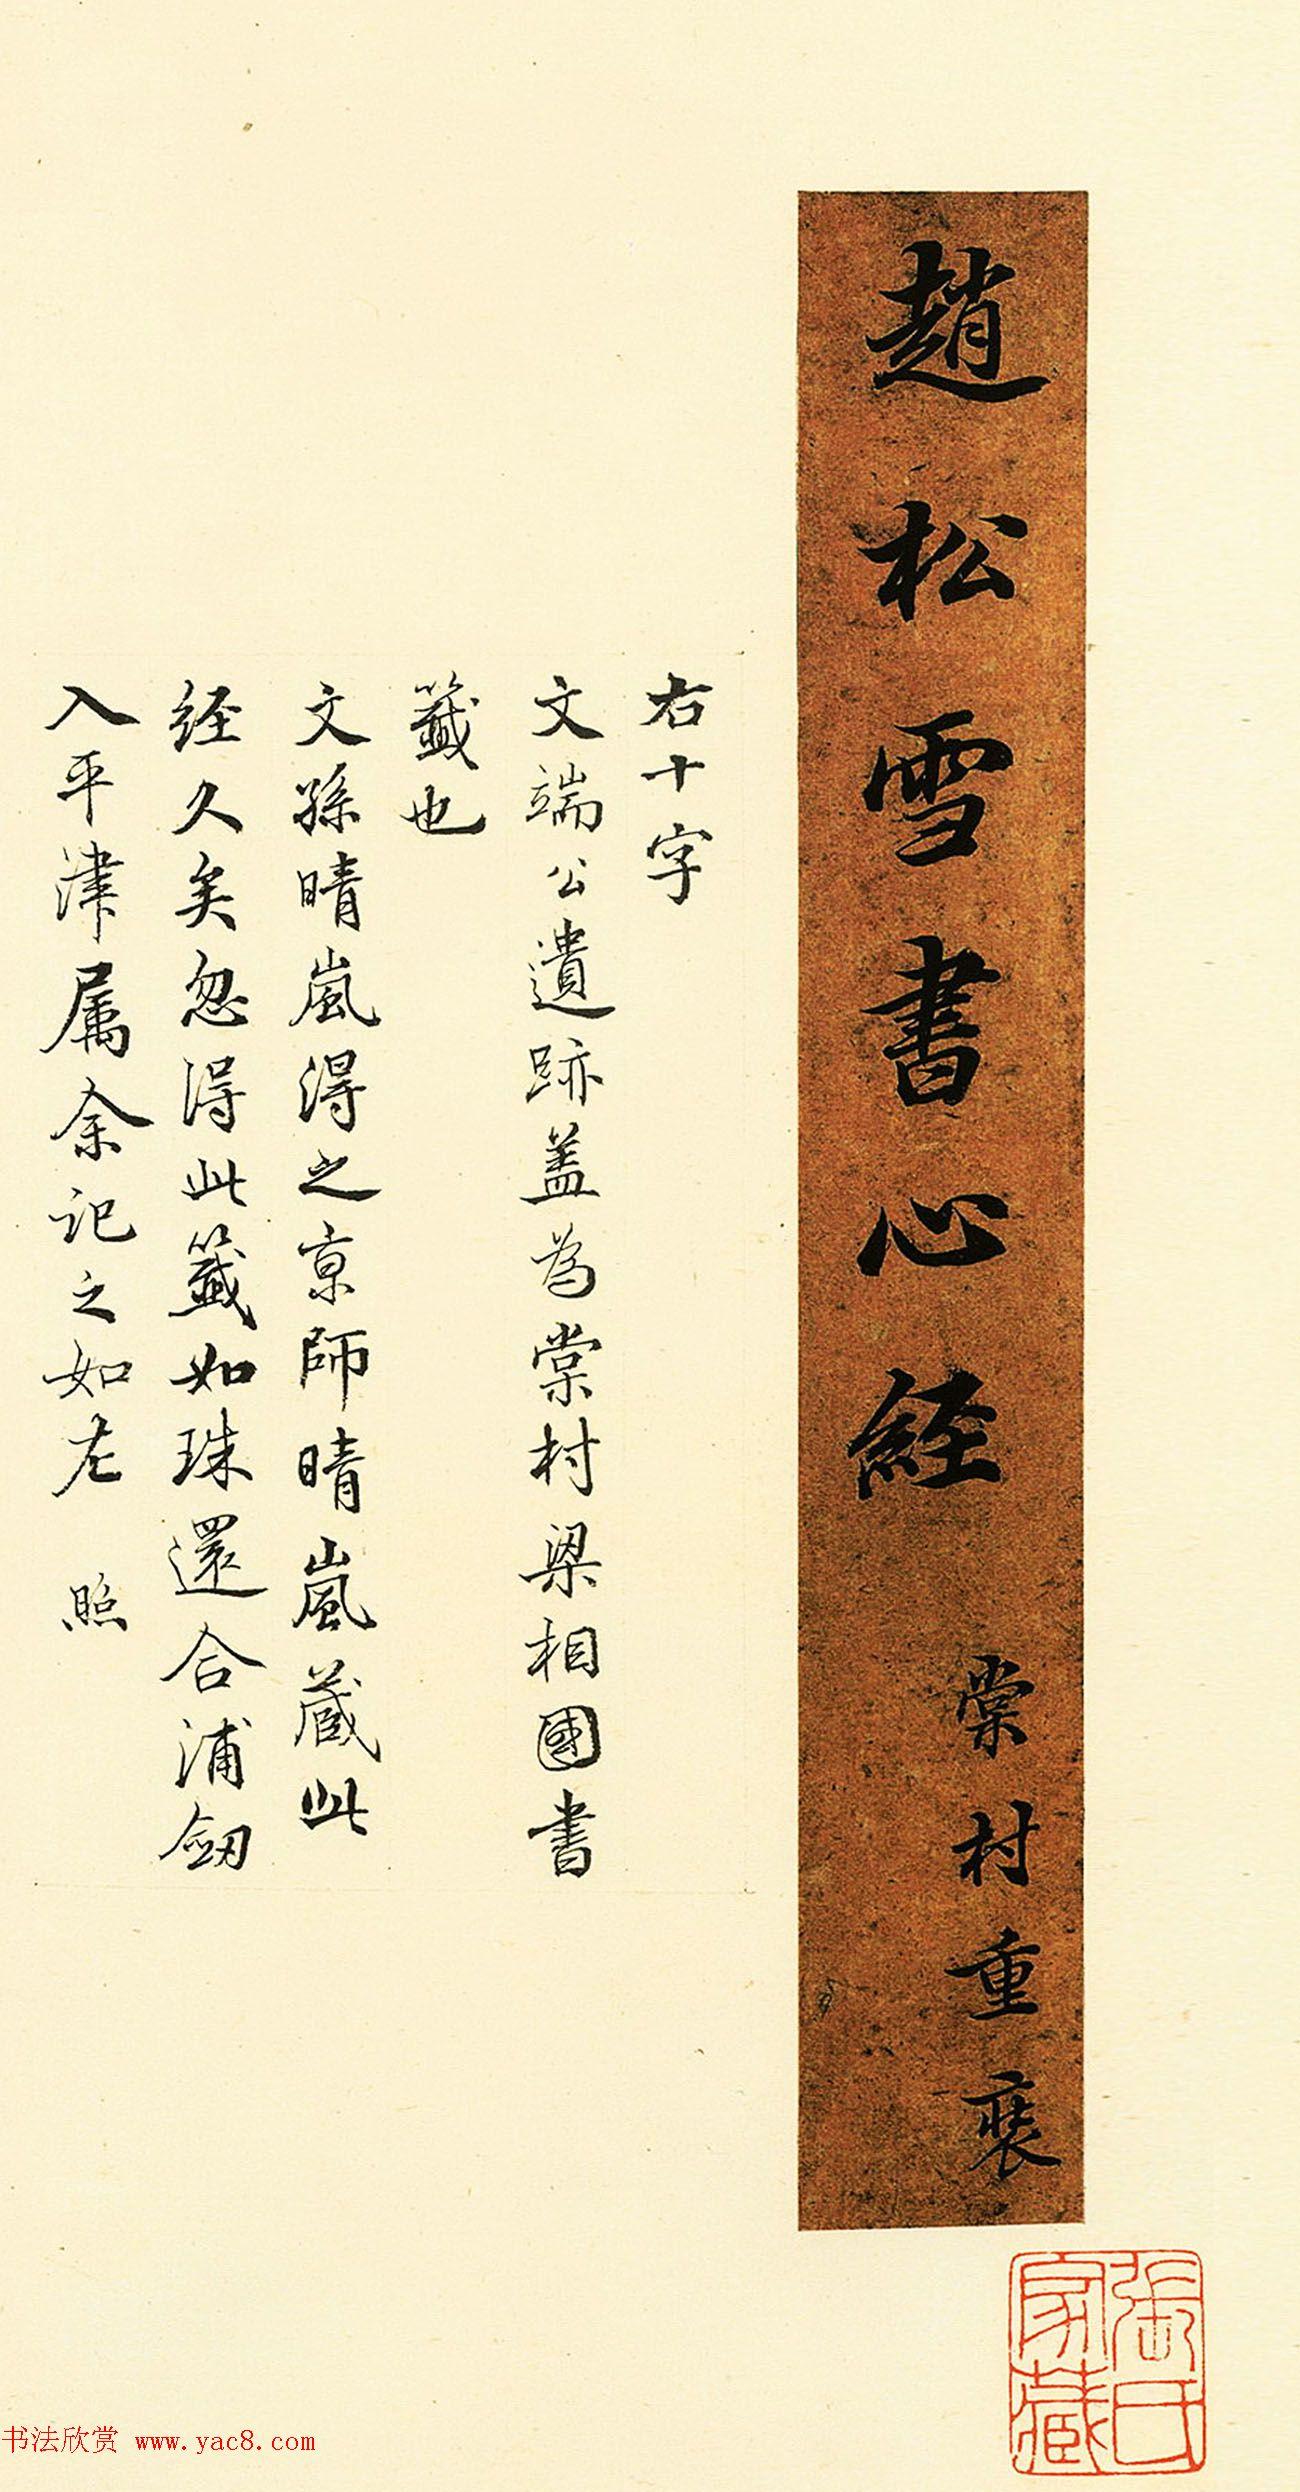 赵孟頫代表作品《赵松雪书心经》